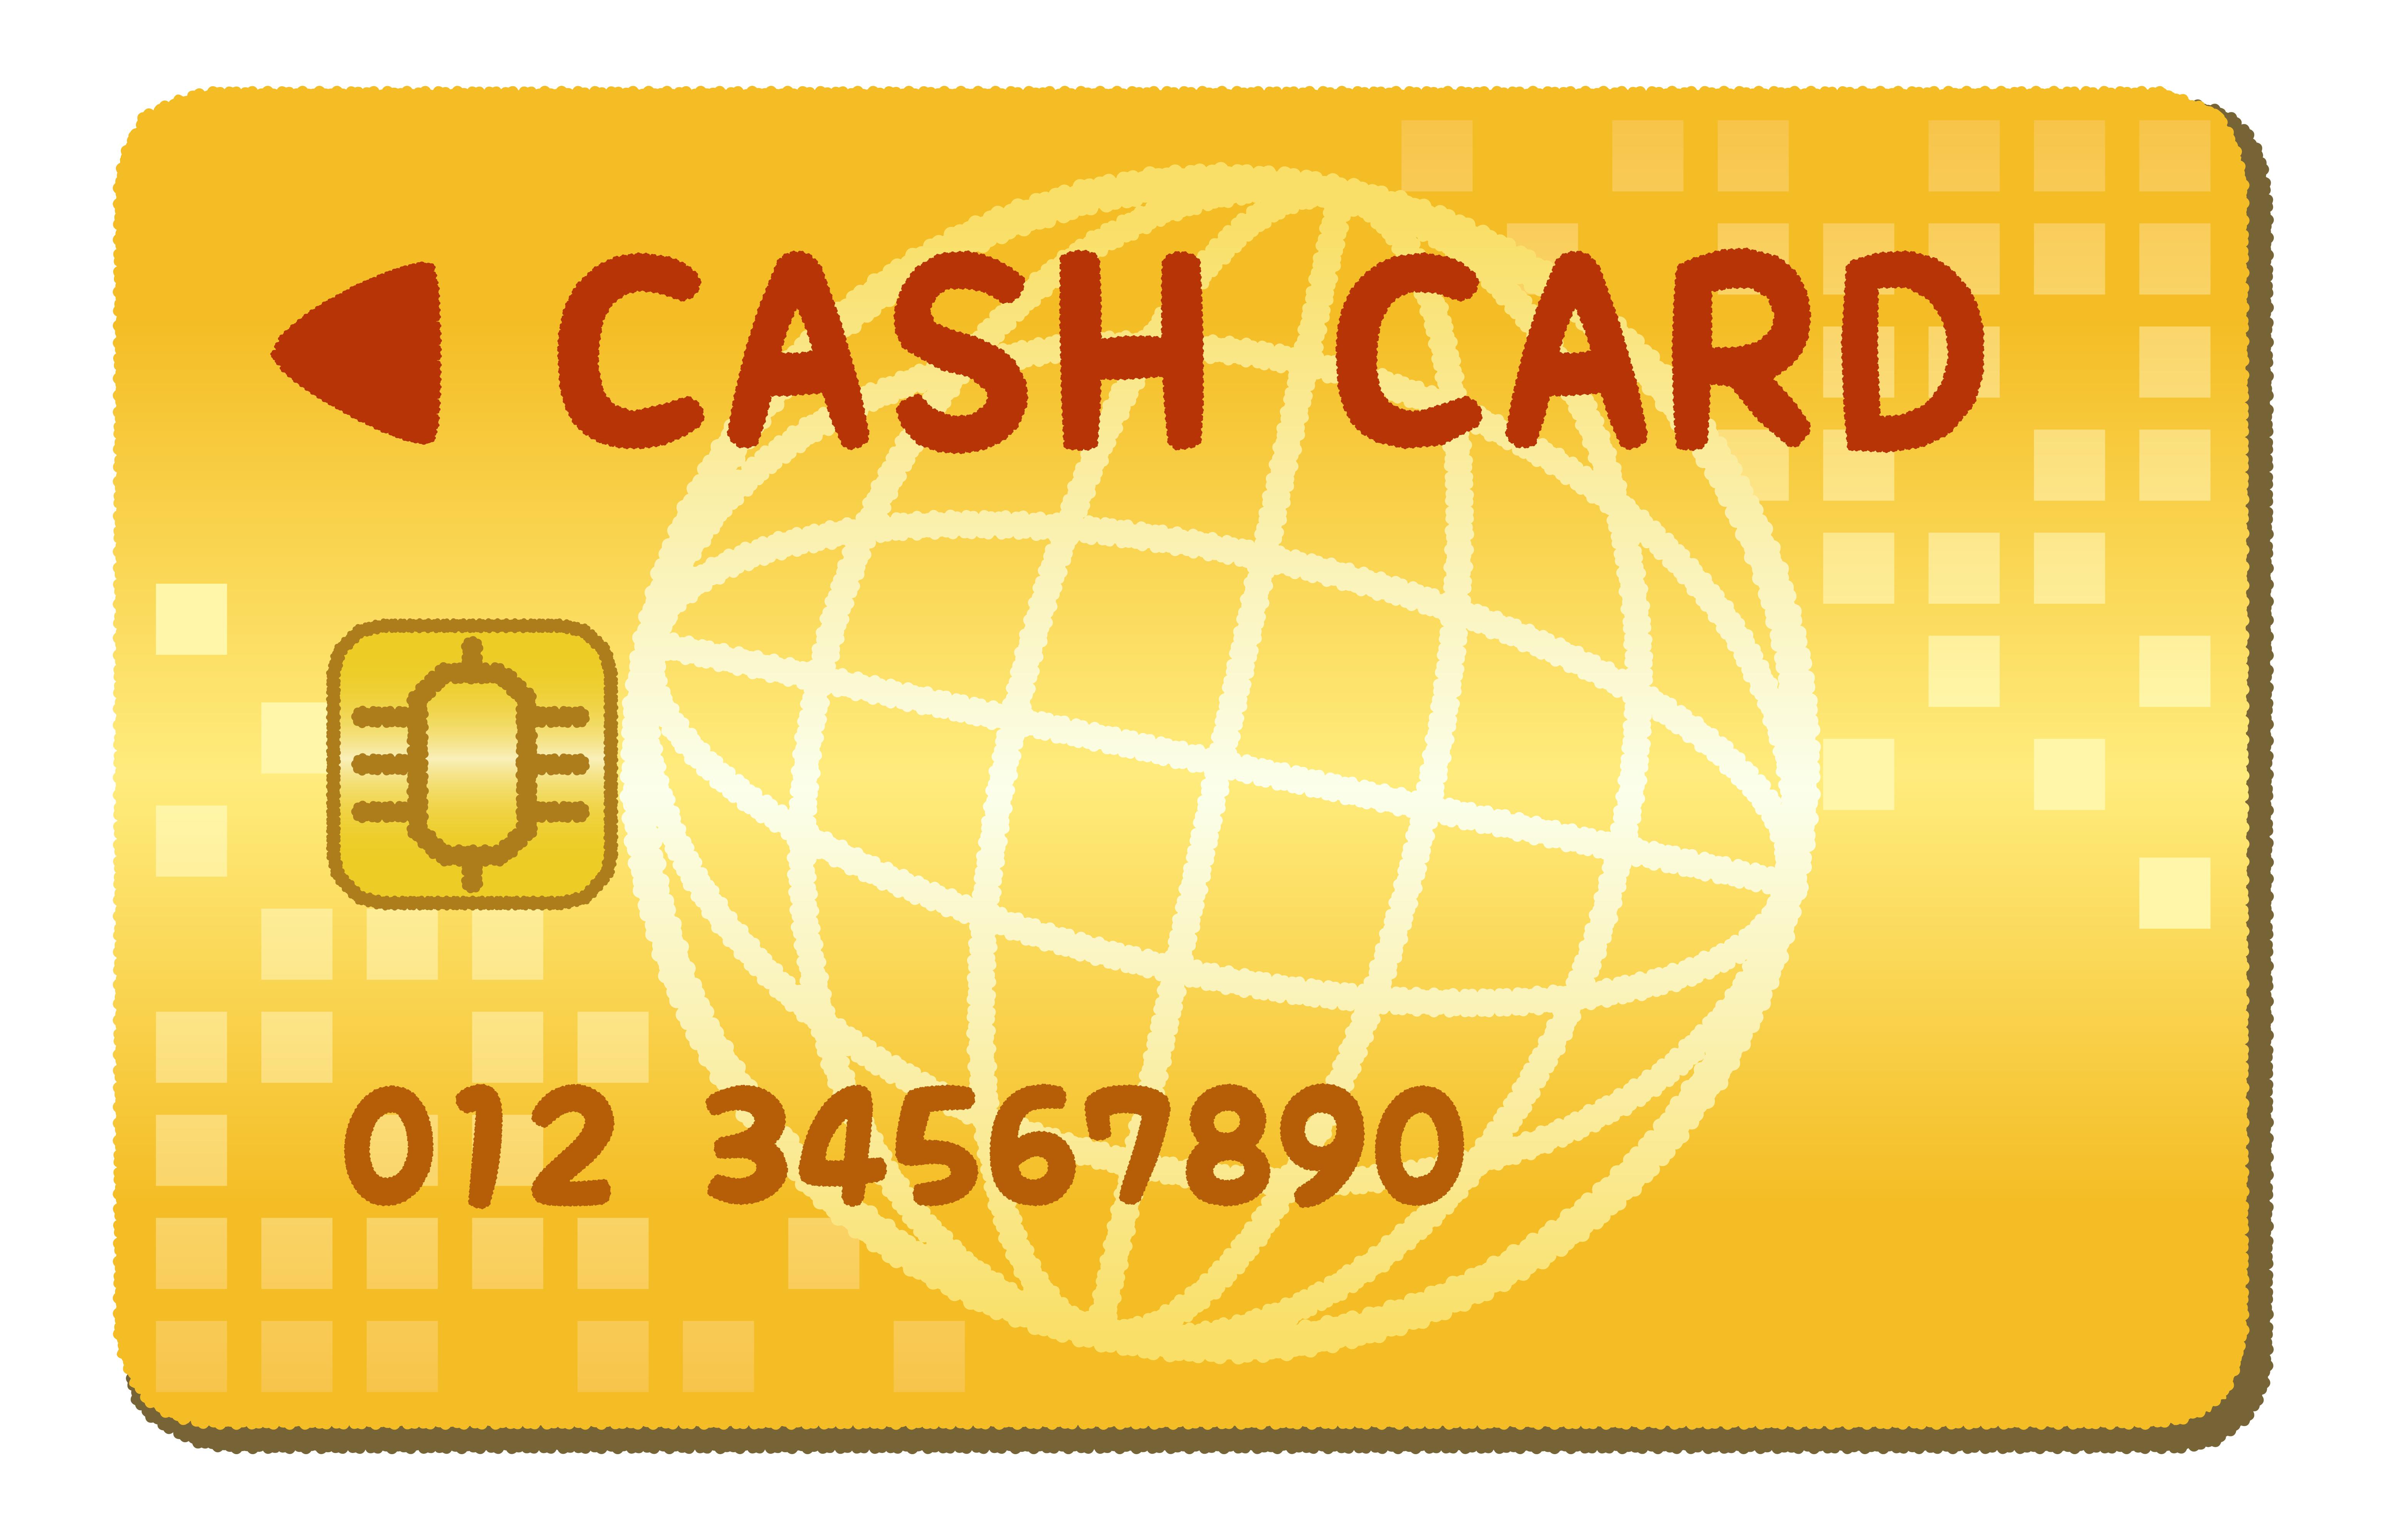 สินเชื่อส่วนบุคคล กับ สินเชื่อบัตรกดเงินสด คิดให้ดีเลือกให้ถูก